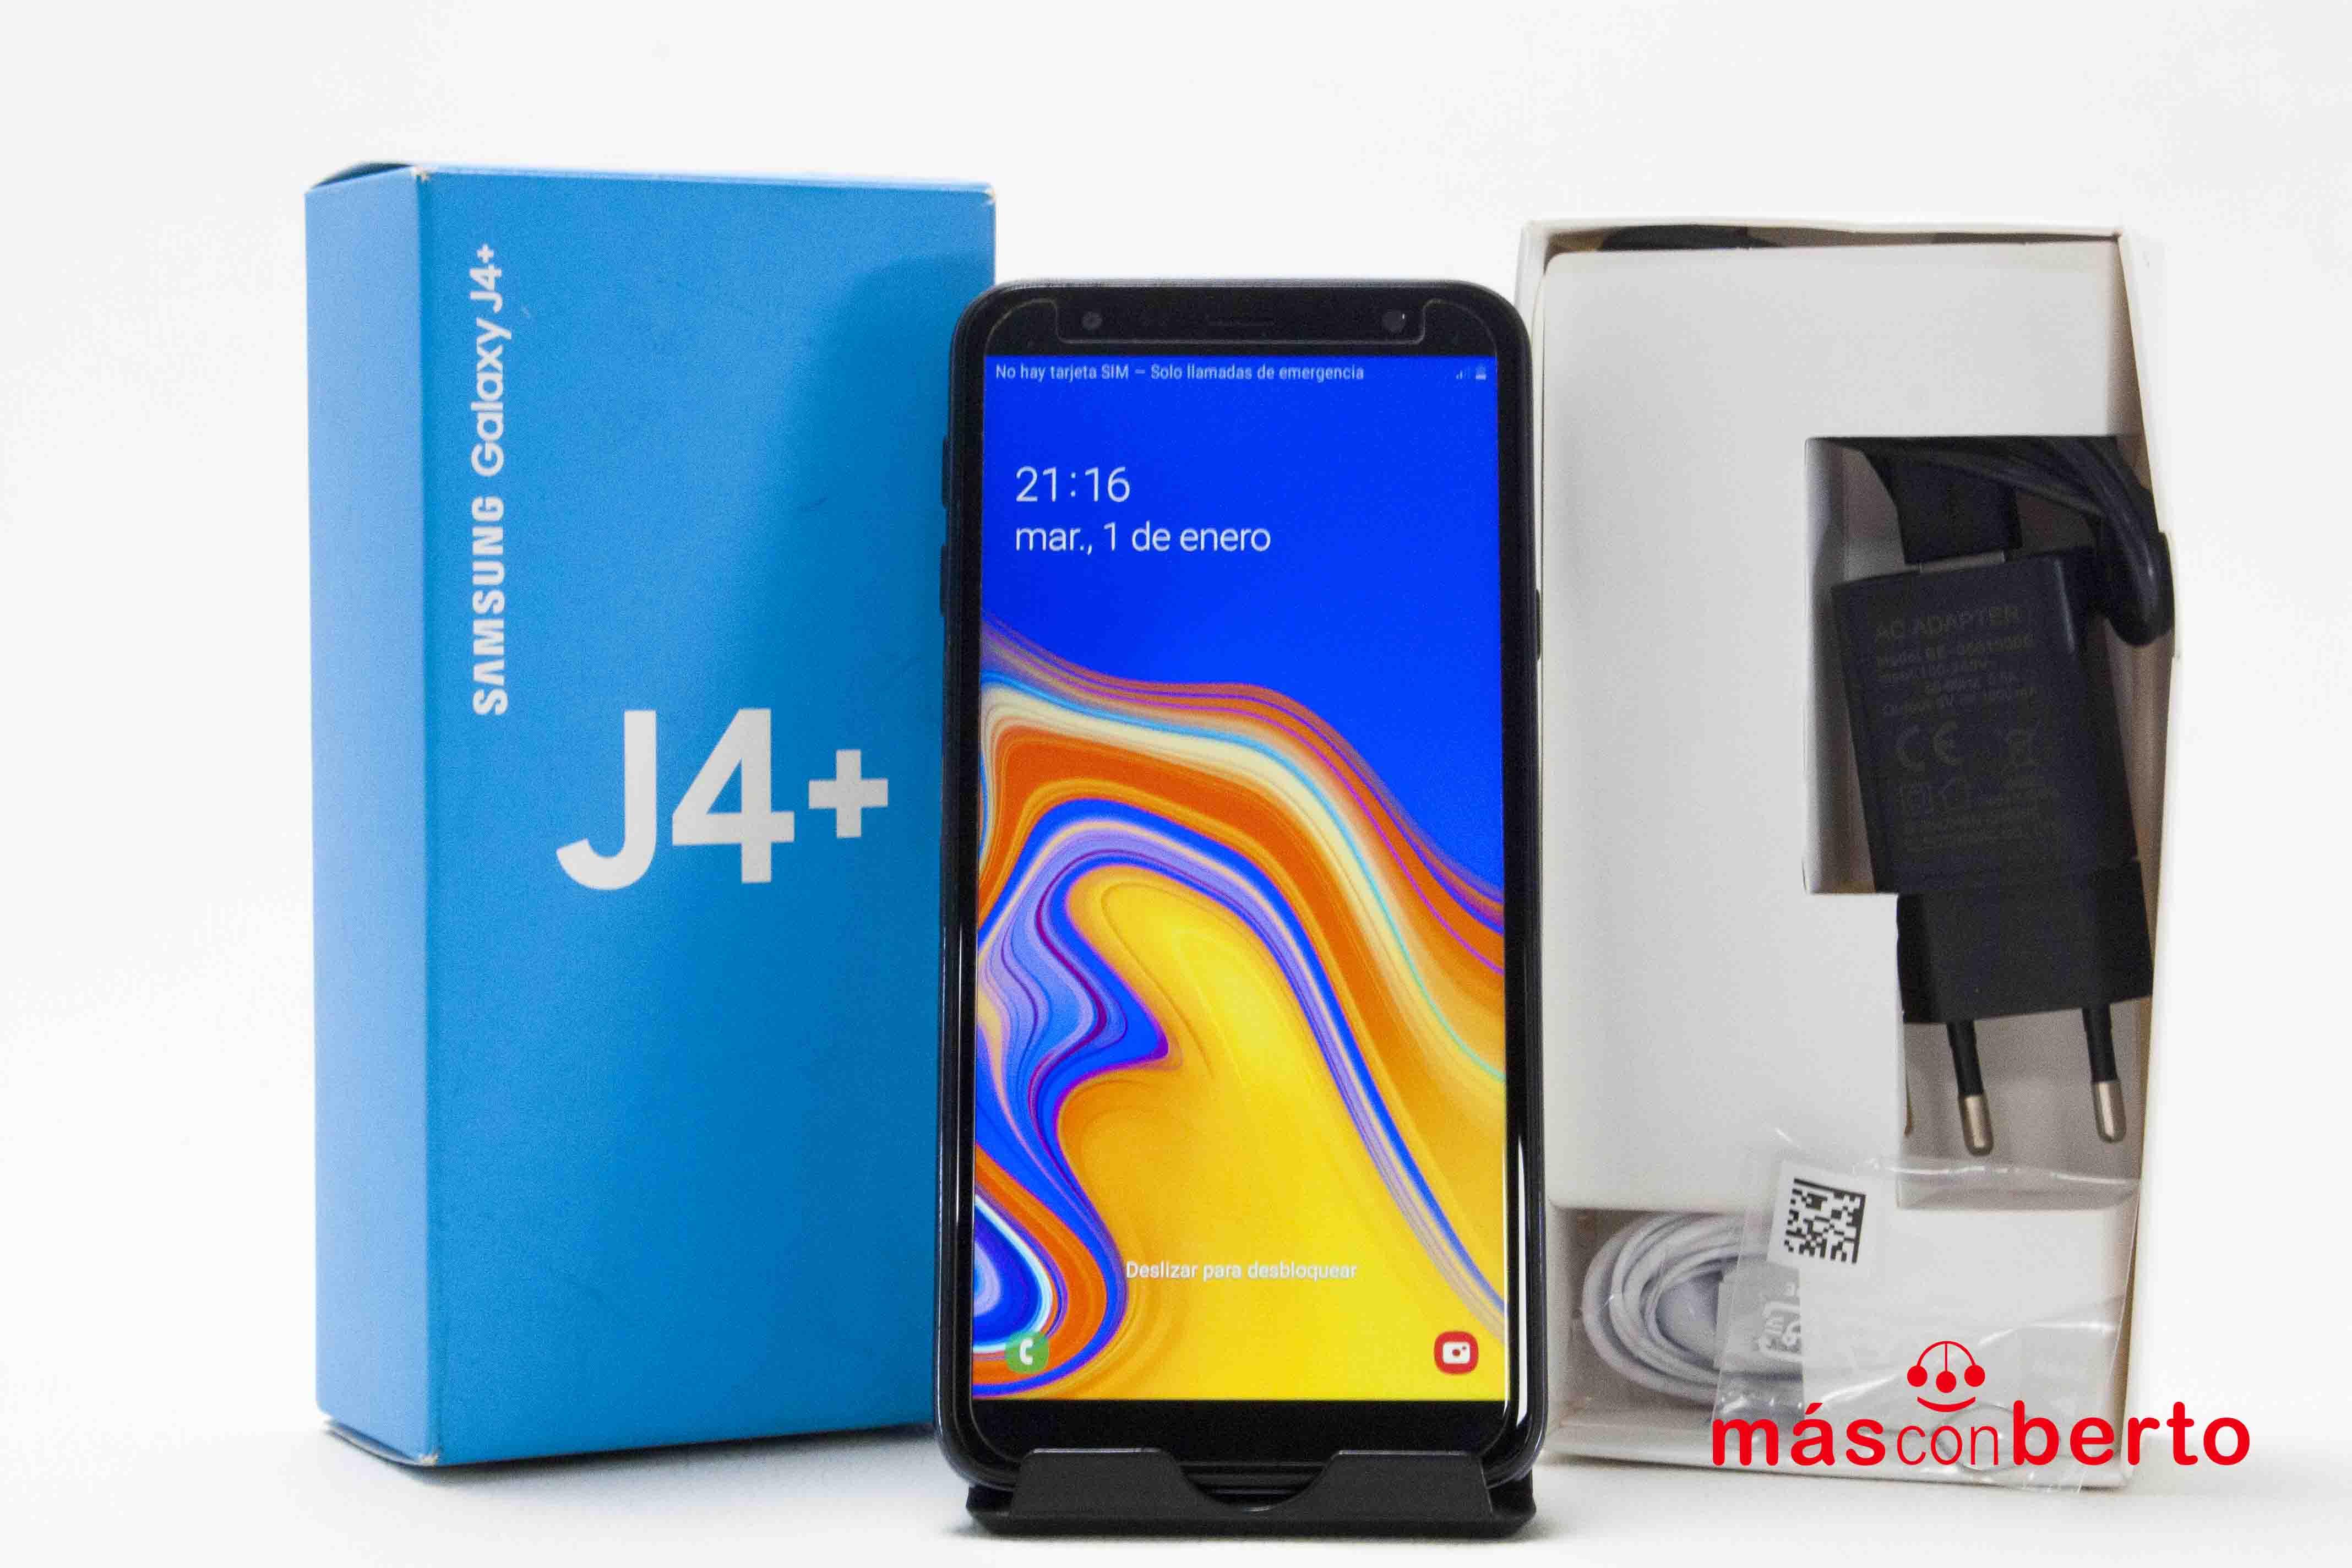 Móvil Samsung Galaxy J4+...